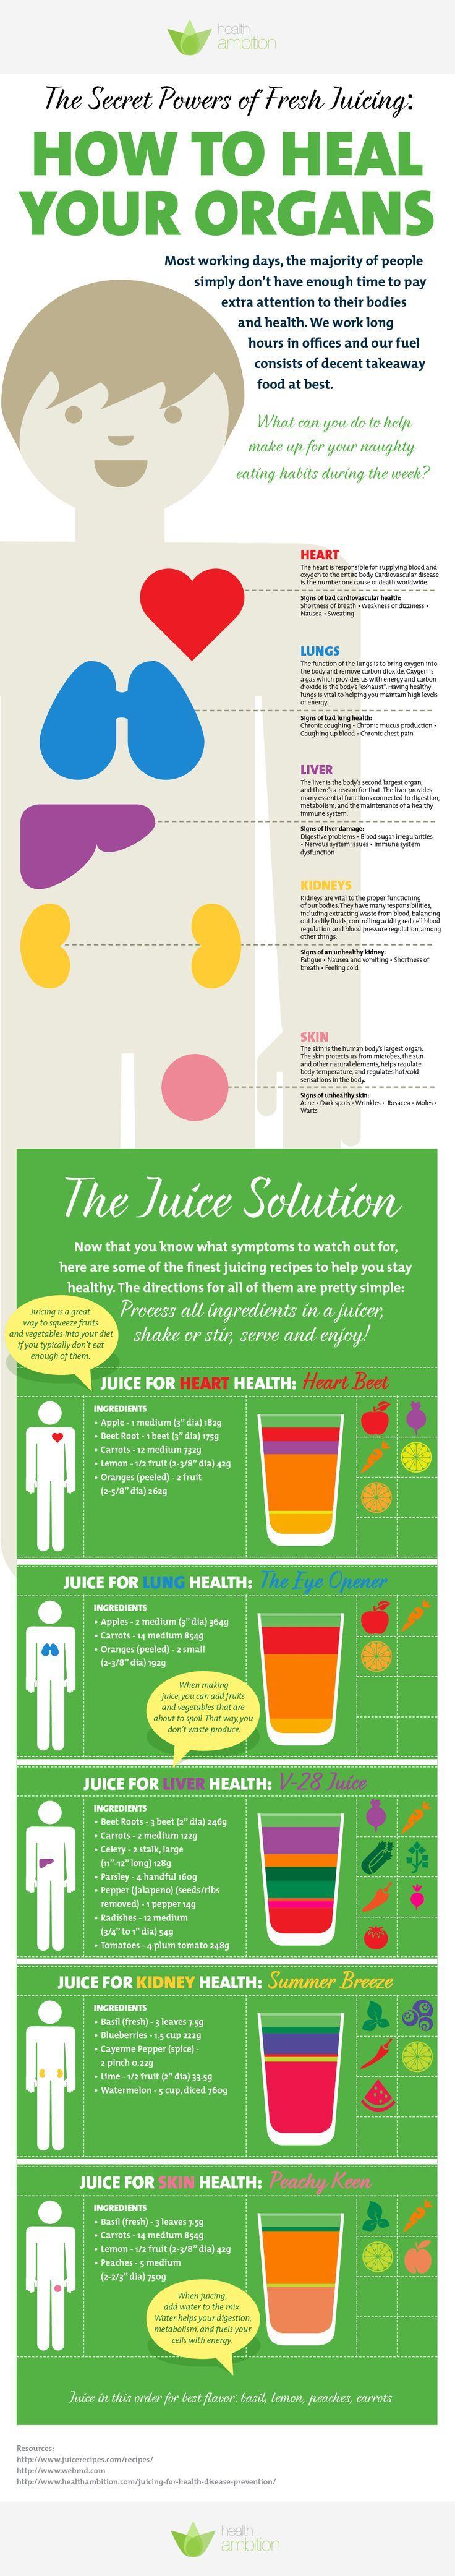 juicing health benefits